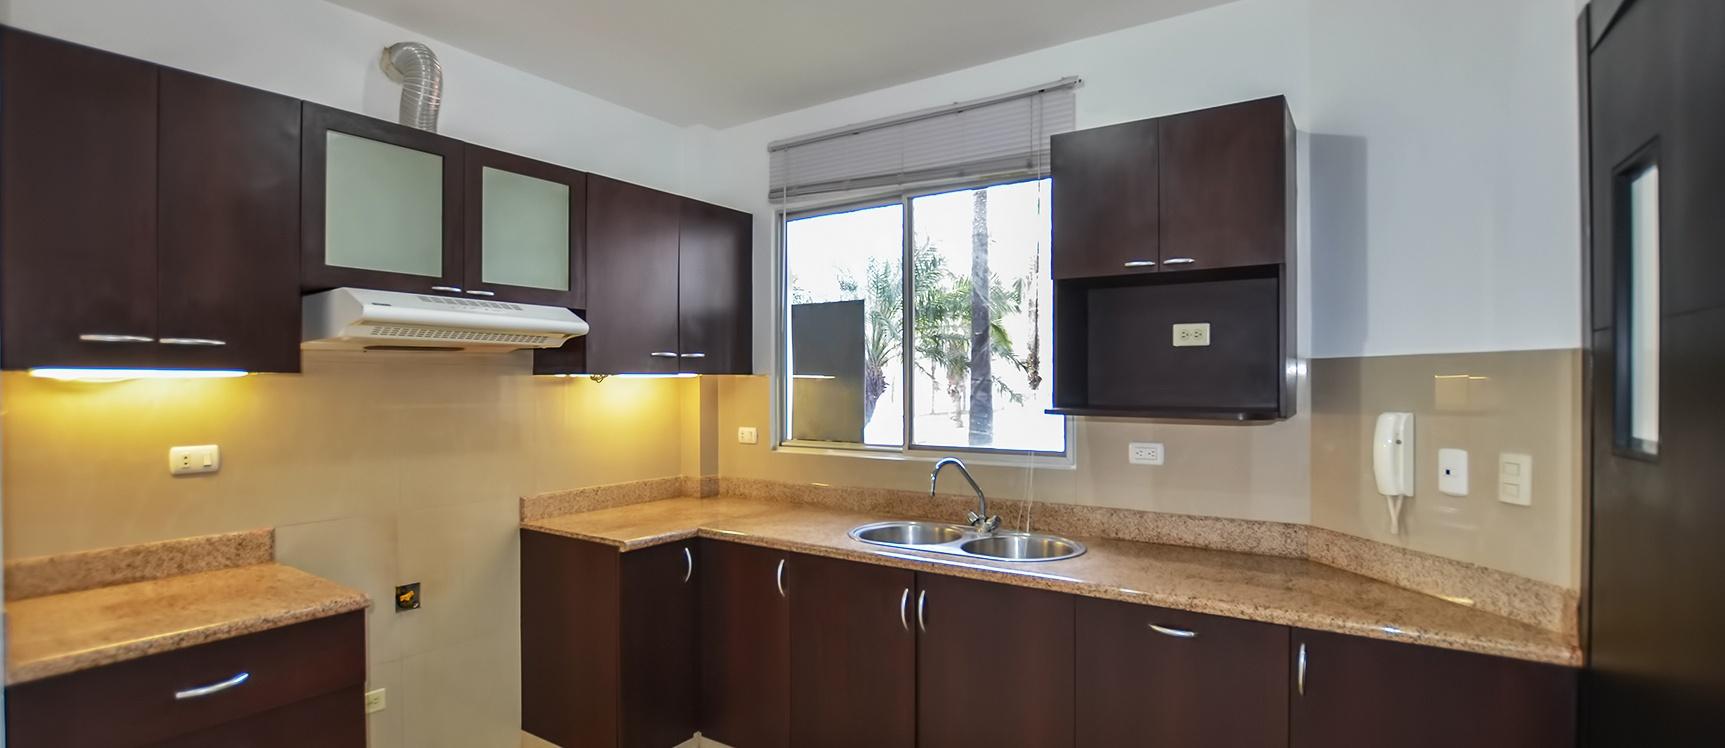 GeoBienes - Departamento en alquiler en Central Park sector Samborondon - Plusvalia Guayaquil Casas de venta y alquiler Inmobiliaria Ecuador